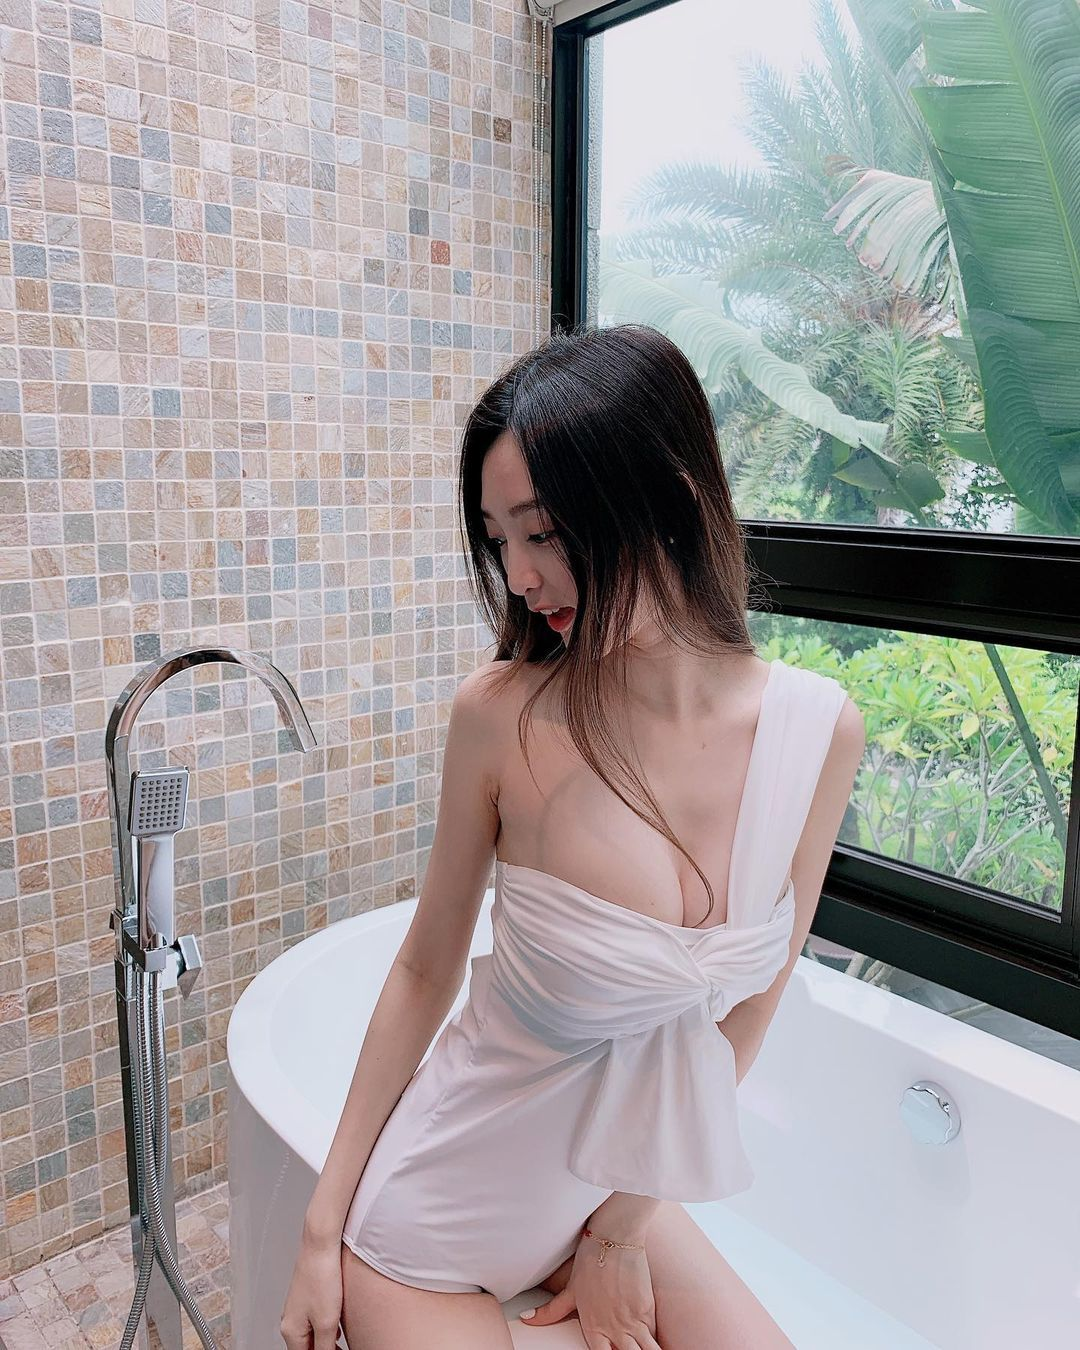 台北动物园出没超丰满清凉造型白皙吊带妹Lily 妹子图 热图4